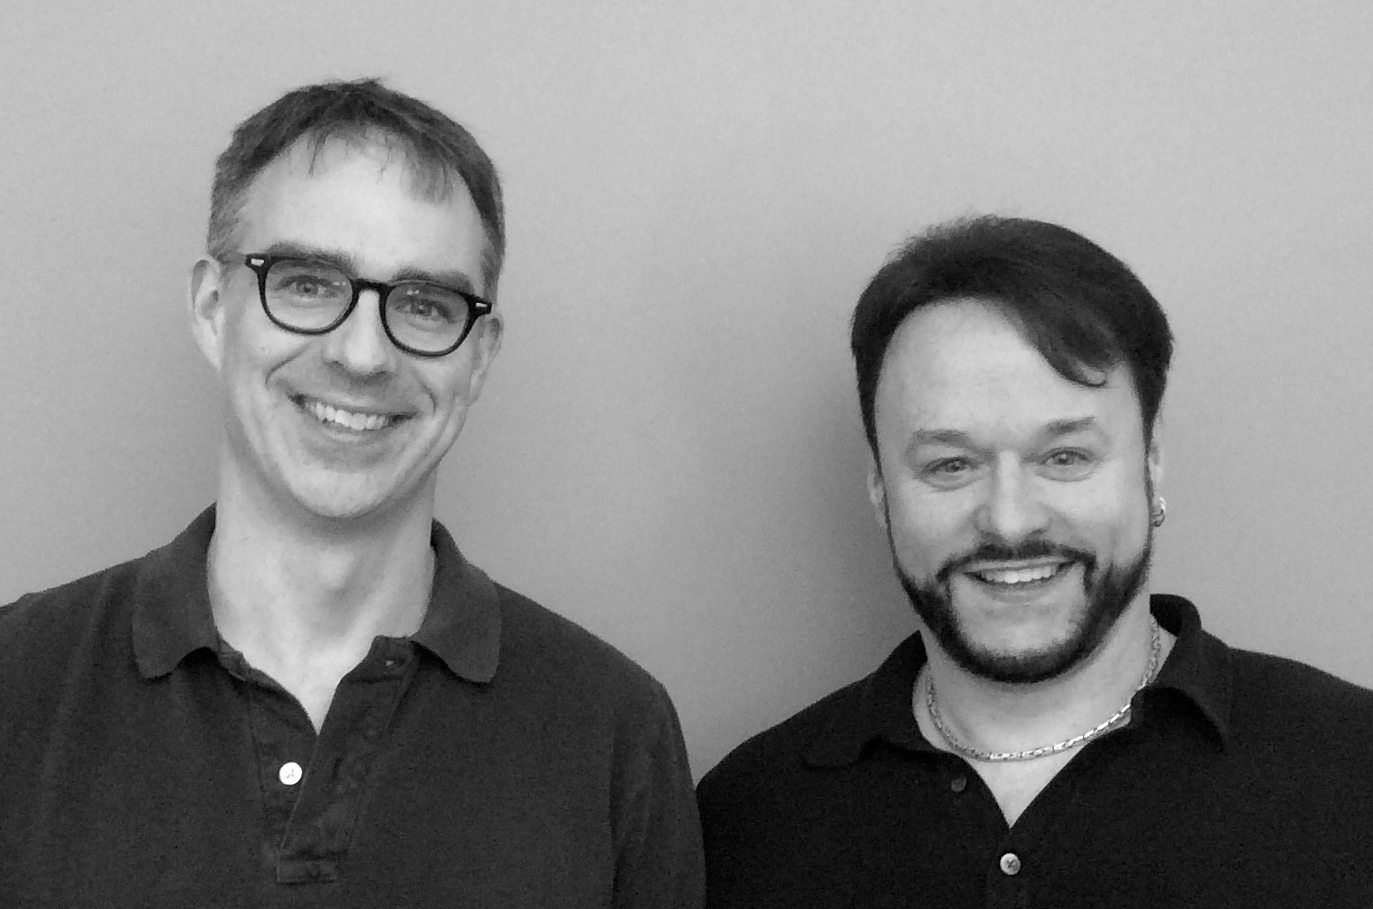 Alex Susbauer & Jonathan Primack